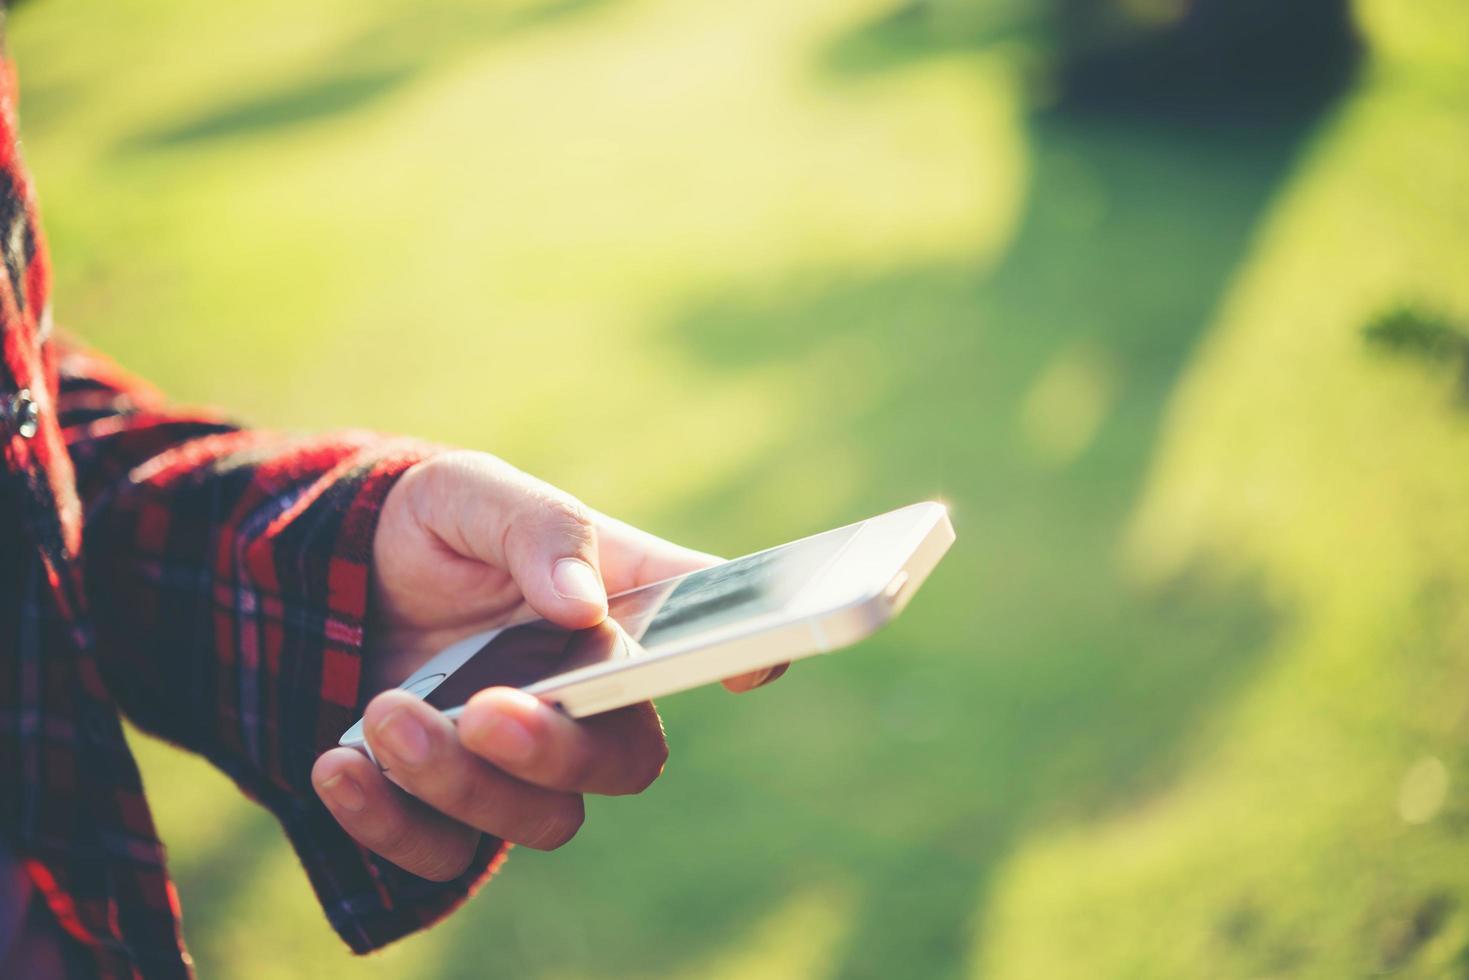 jeune femme à l'aide d'un smartphone à l'extérieur dans un parc photo